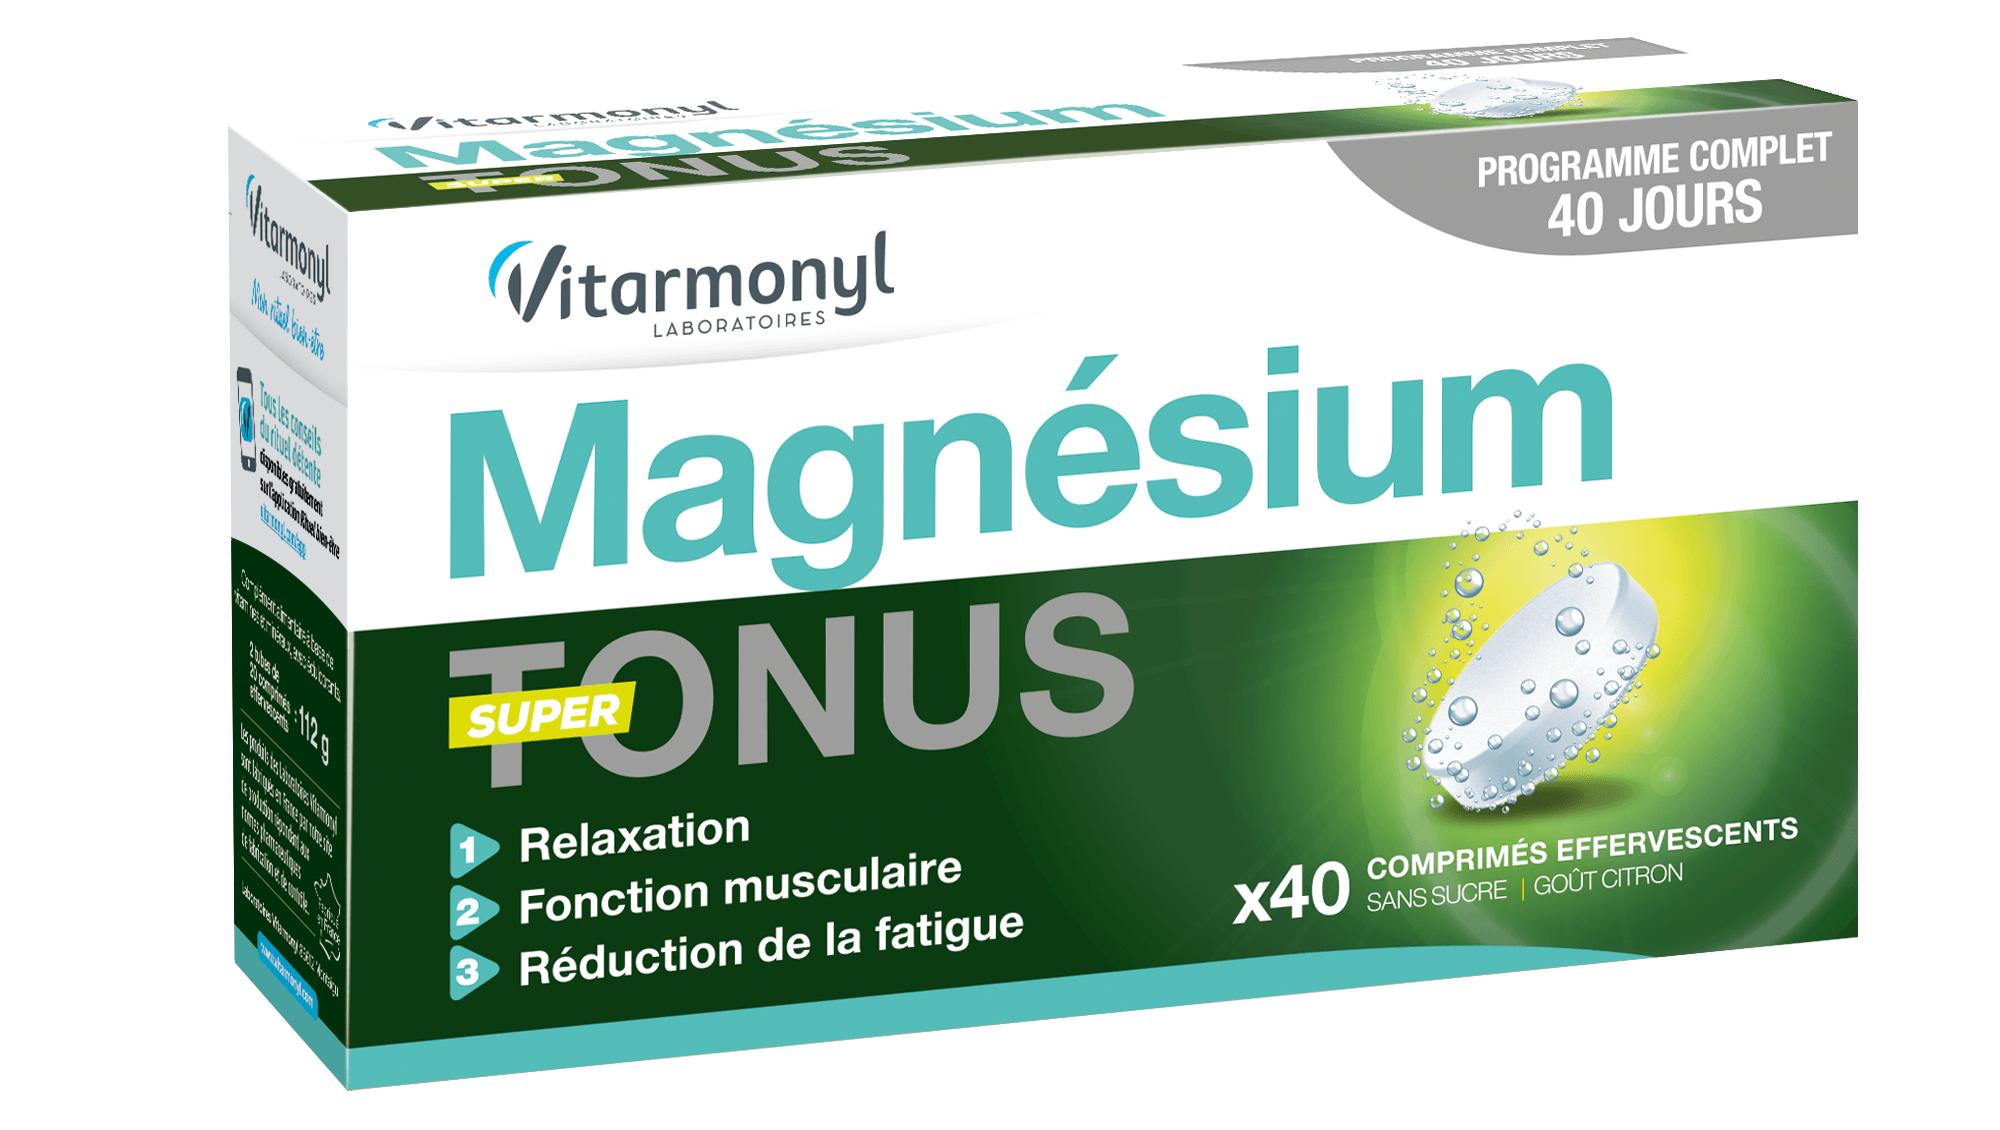 Image Magnésium Super Tonus